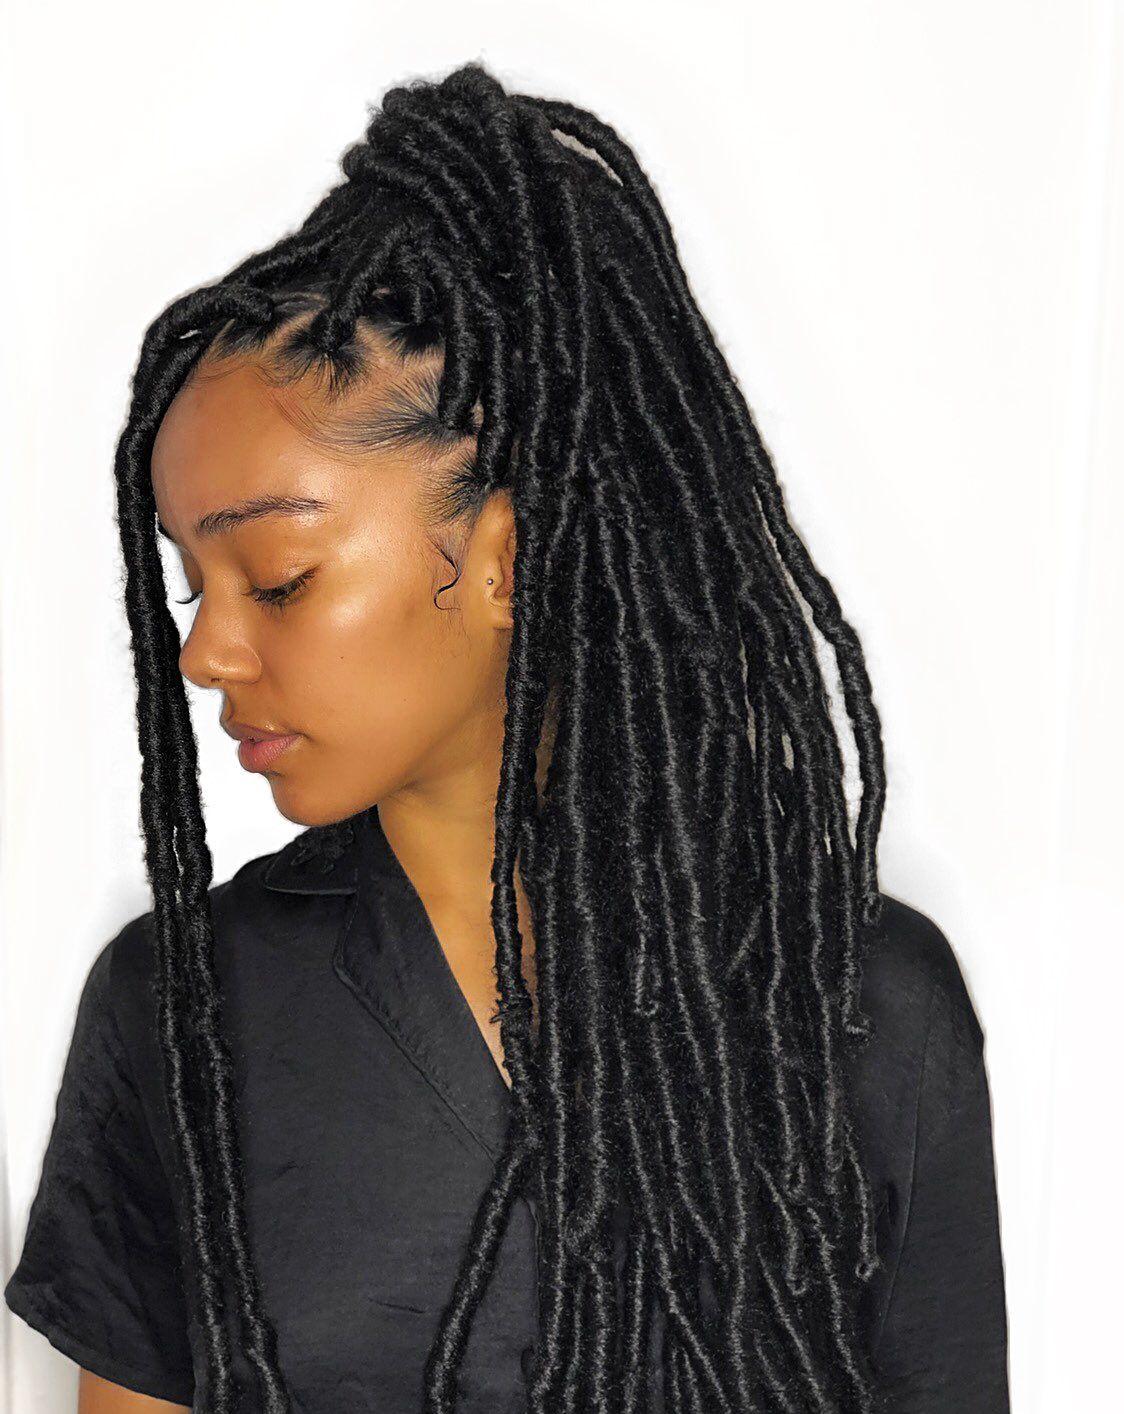 Pin By Amaya Jordan On Hairspiration Braided Hairstyles Box